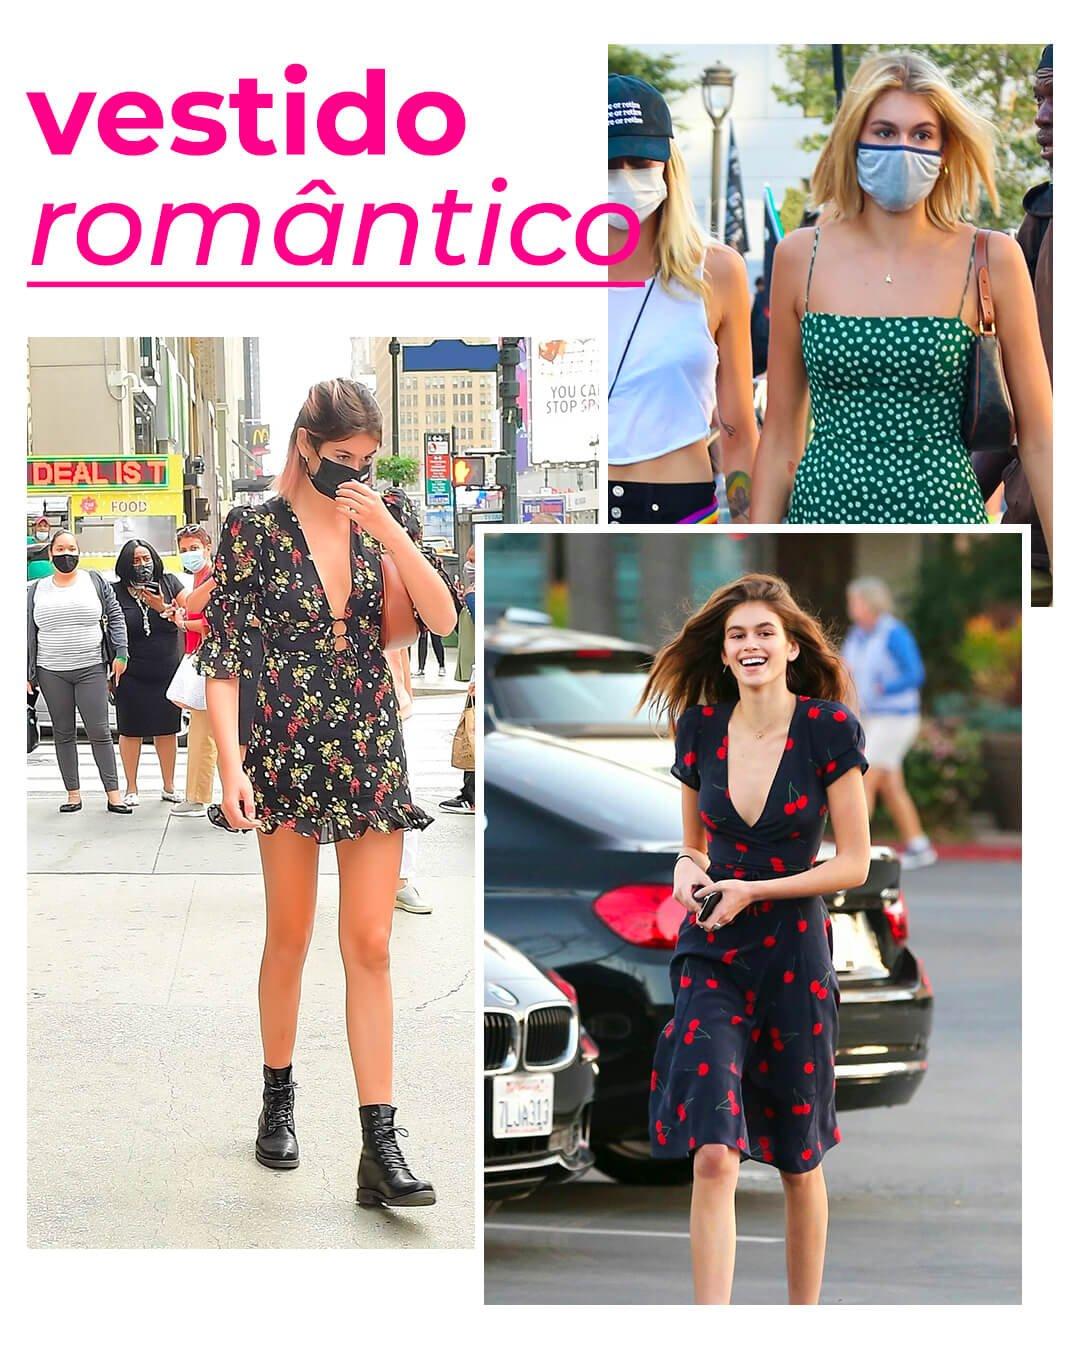 Kaia Gerber - Vestido romântico - Vestido - Verão - Street Style - https://stealthelook.com.br